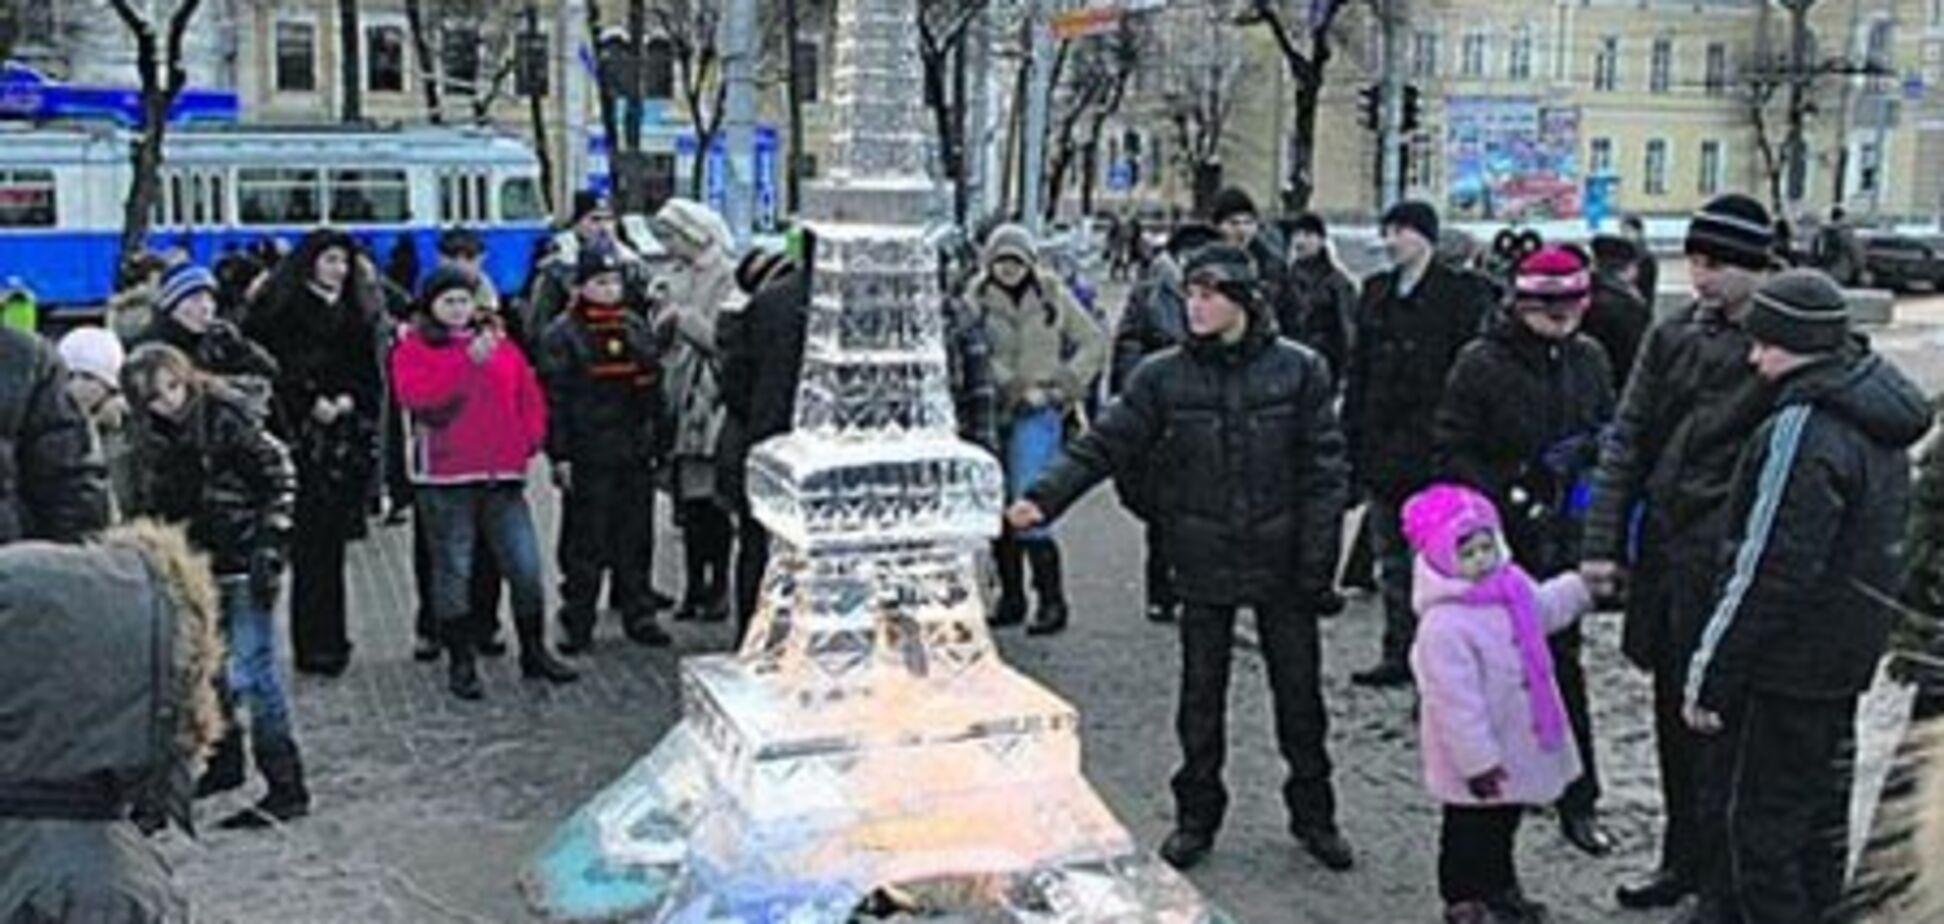 П'яні вінницькі студенти зруйнували Ейфелеву вежу